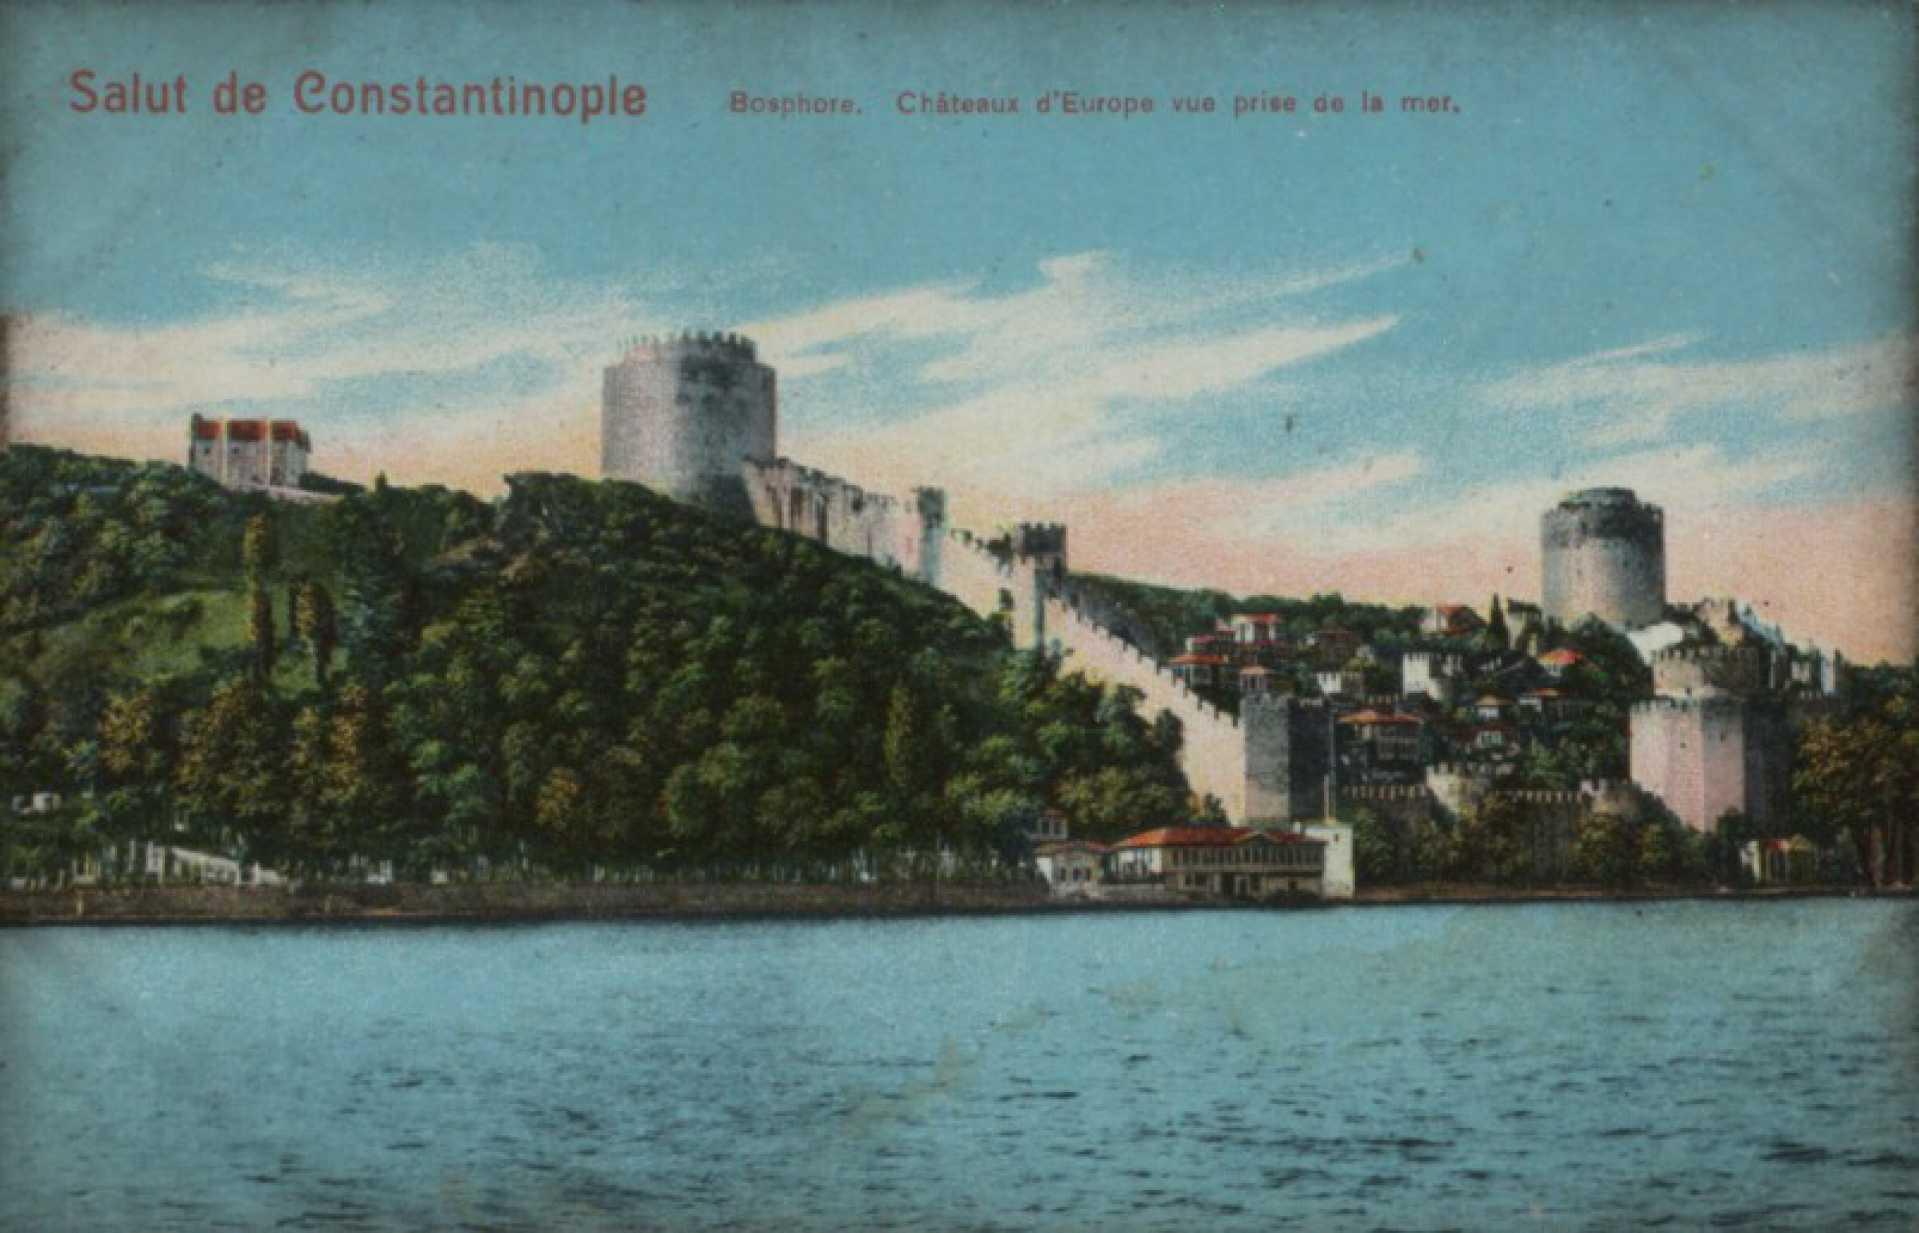 Chateaux d'Europe vue prise de la mer